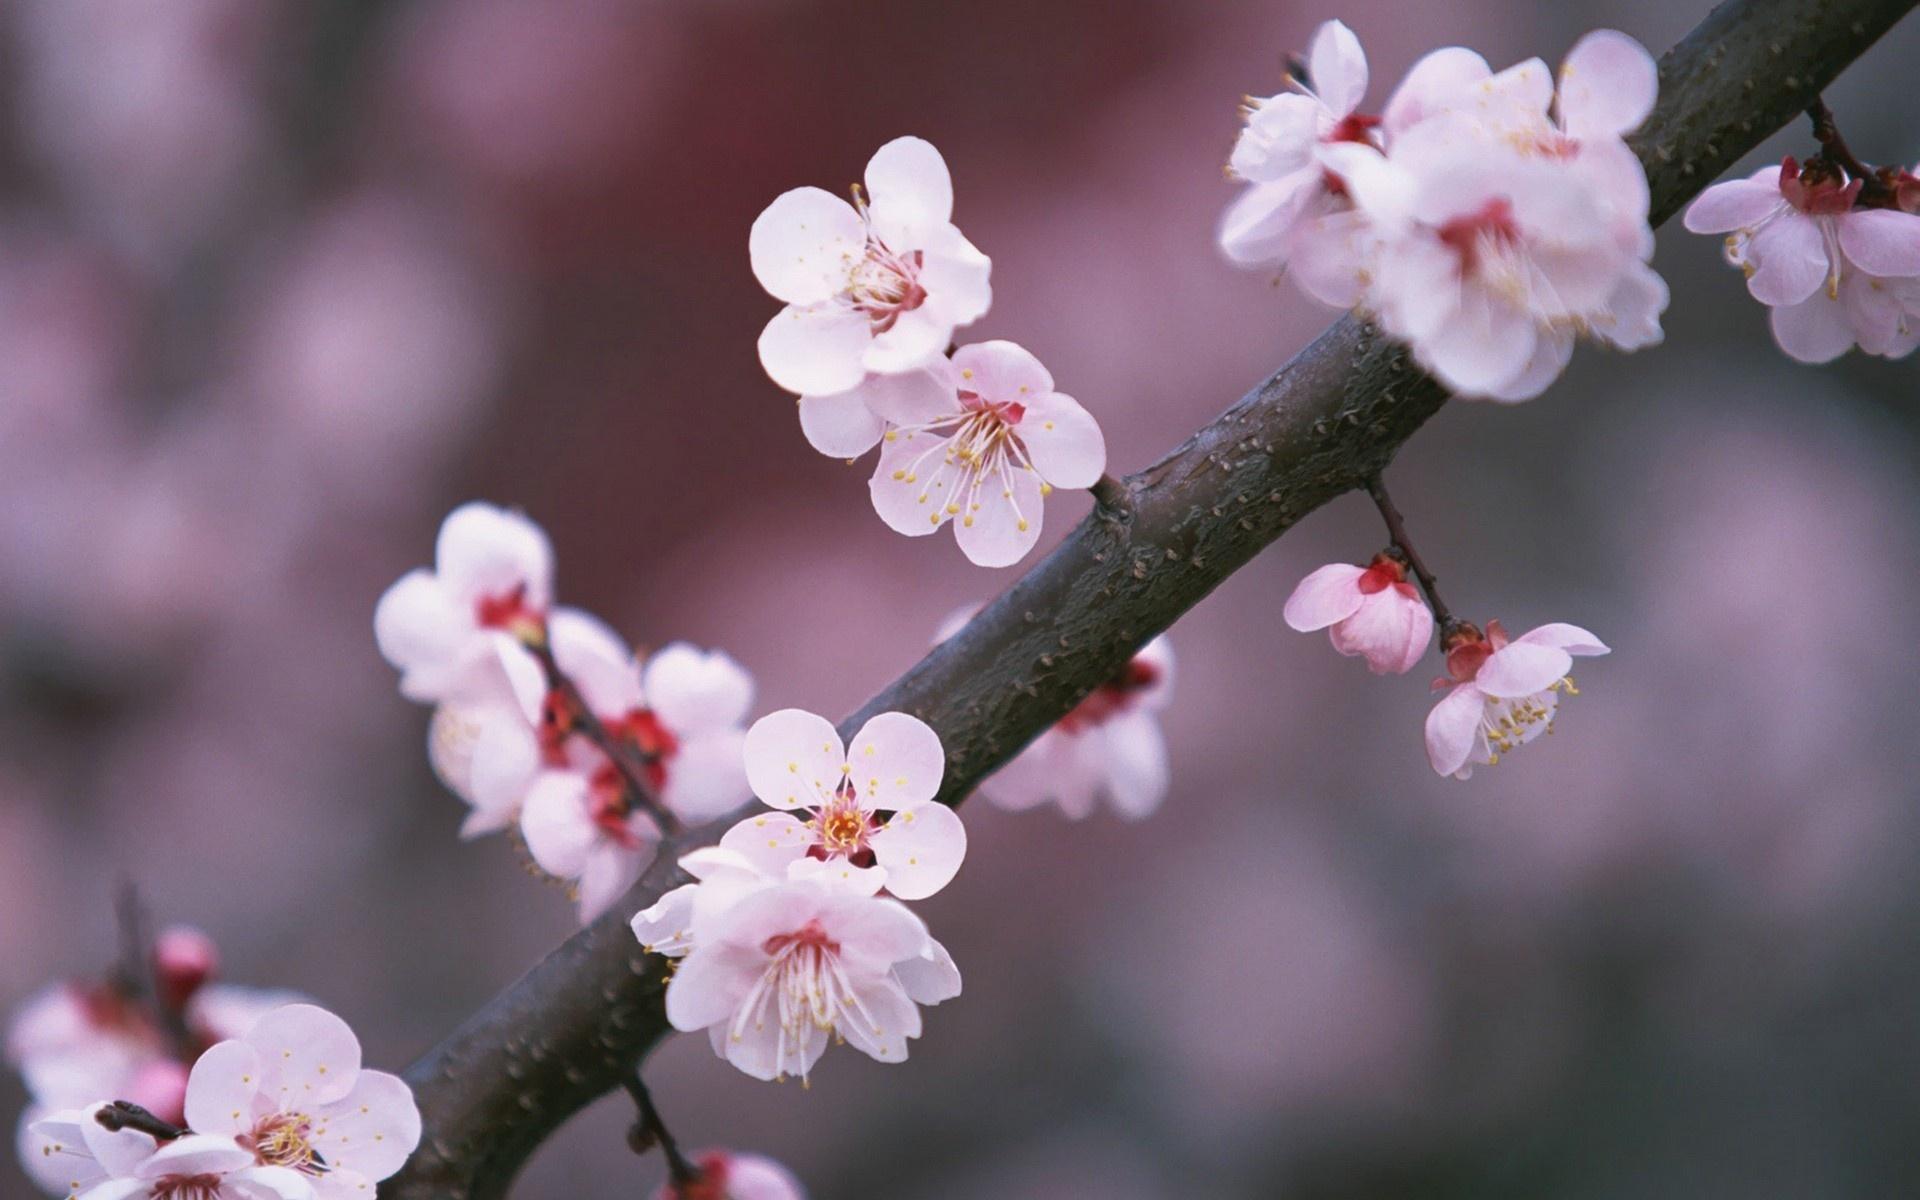 цветы вишни фото картинки прочь укусить партнёра